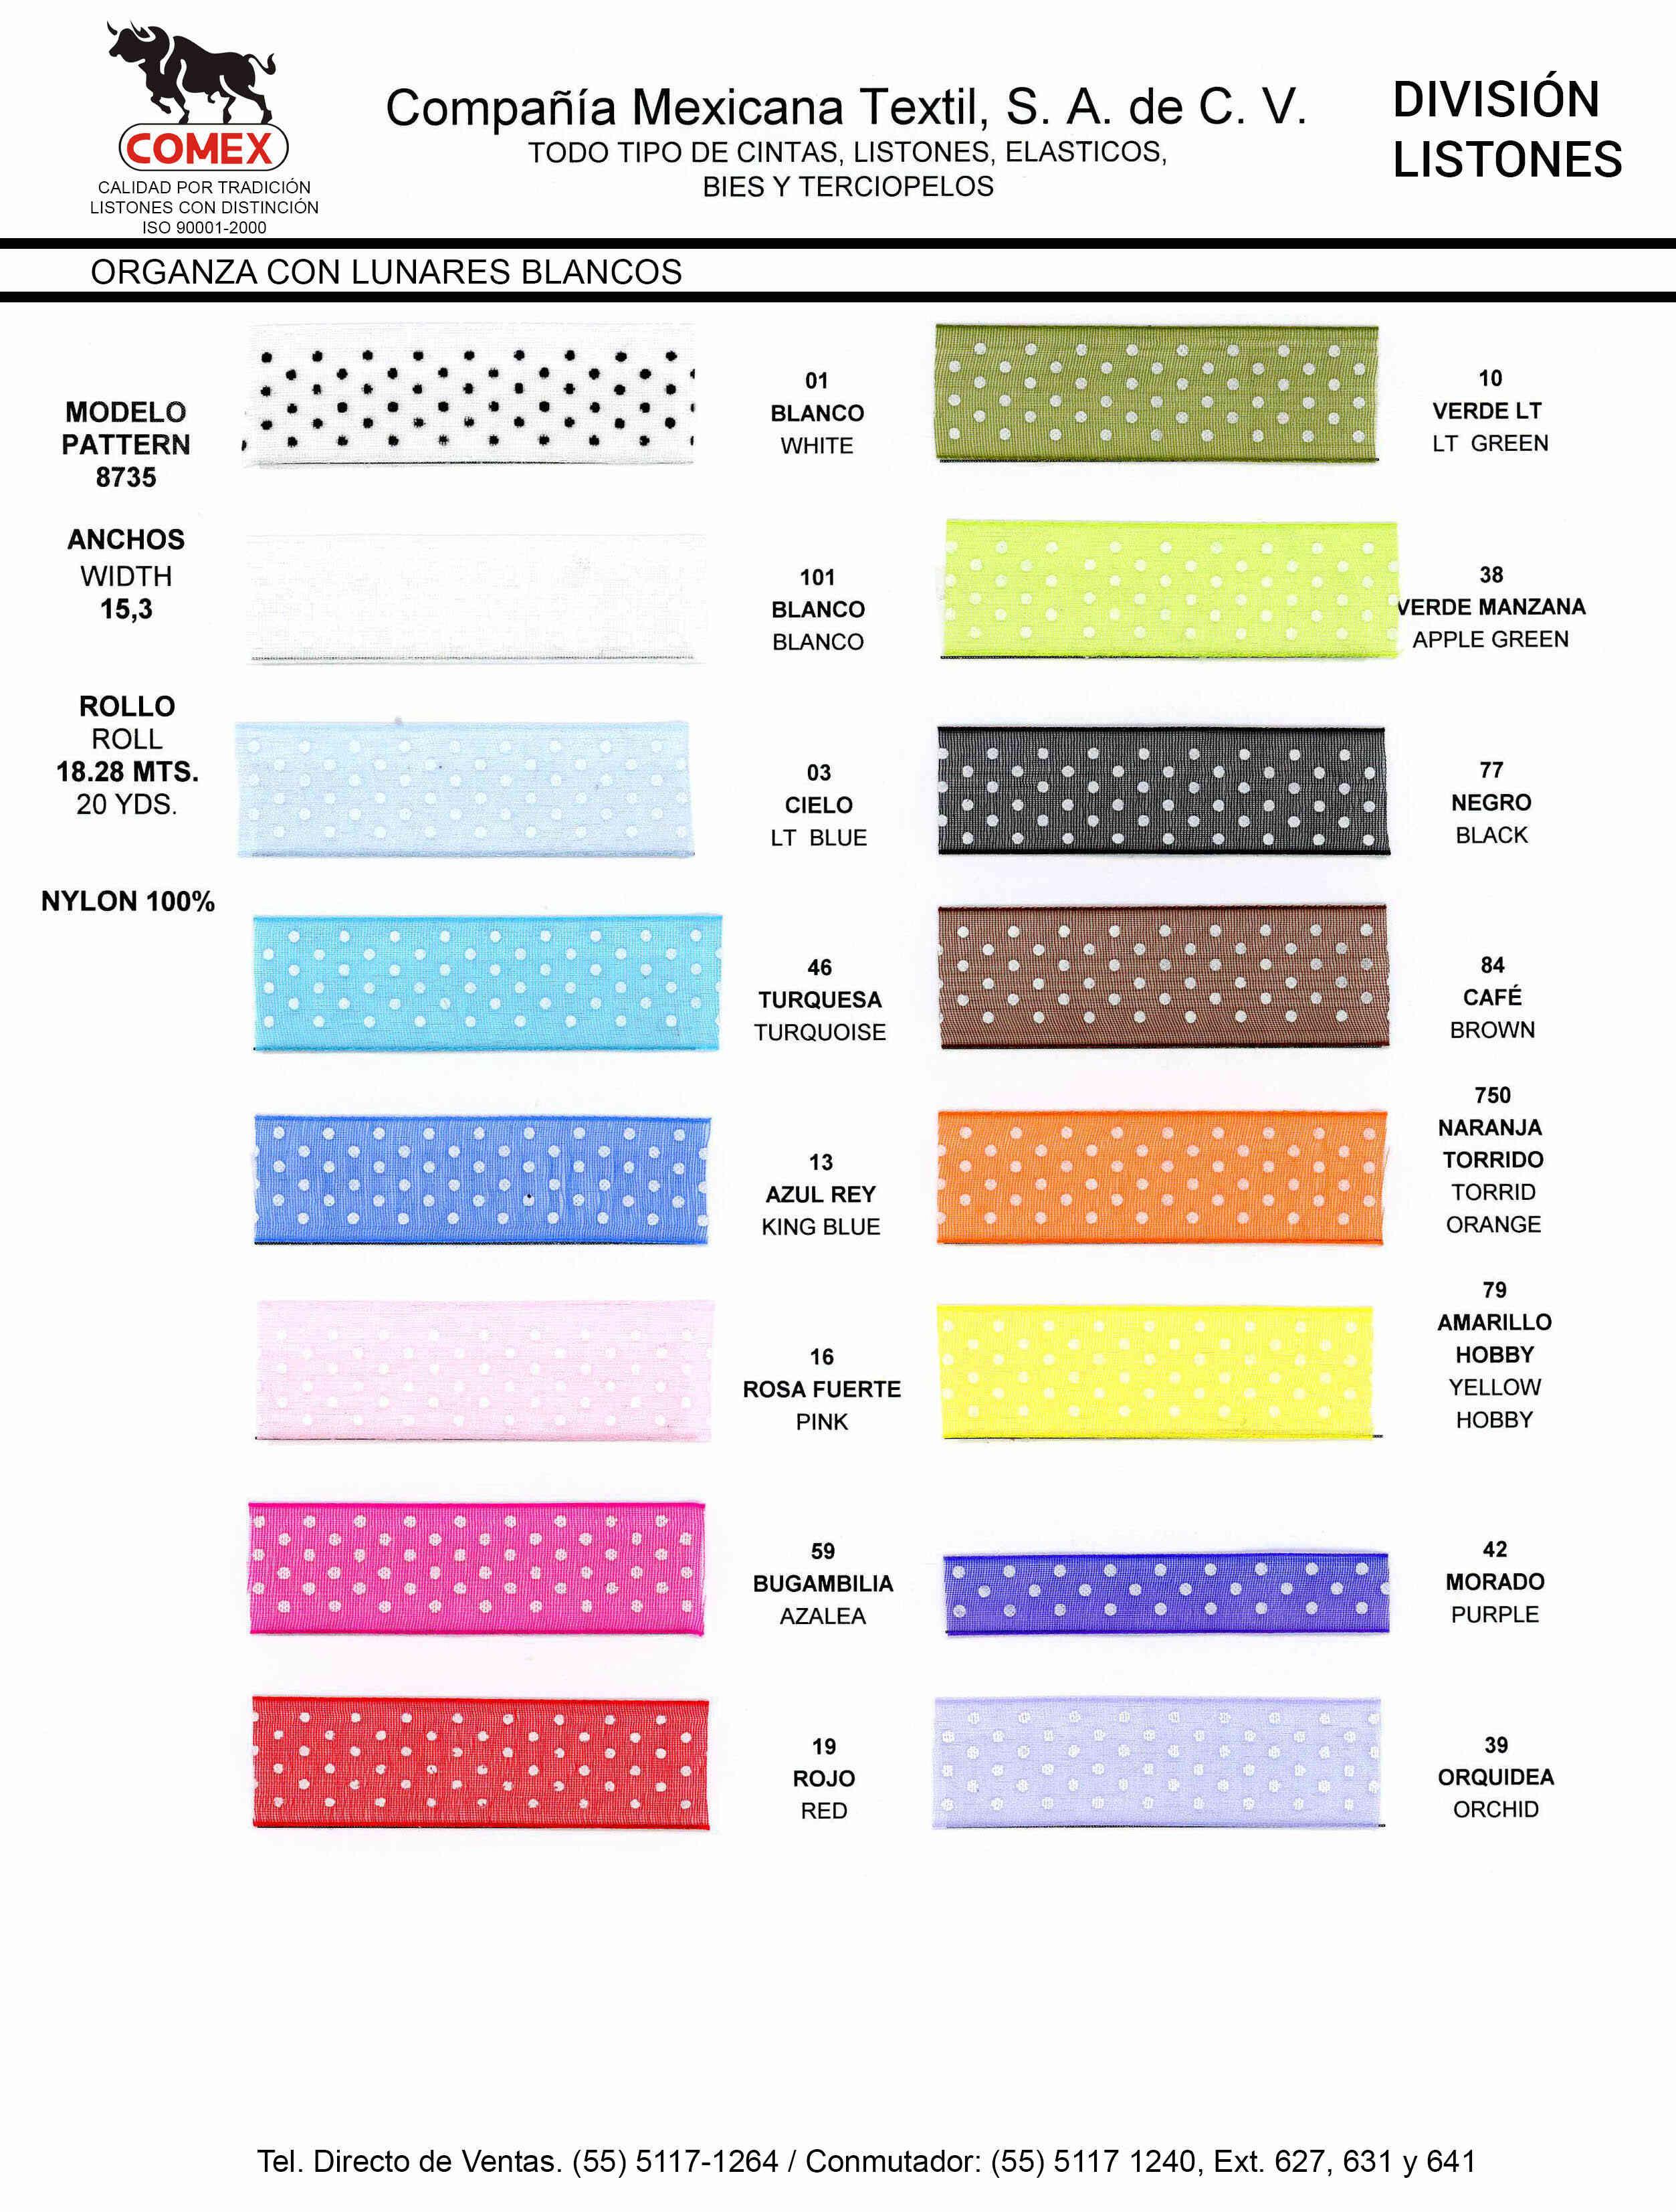 Anchos y Colores de Liston Mod.8735